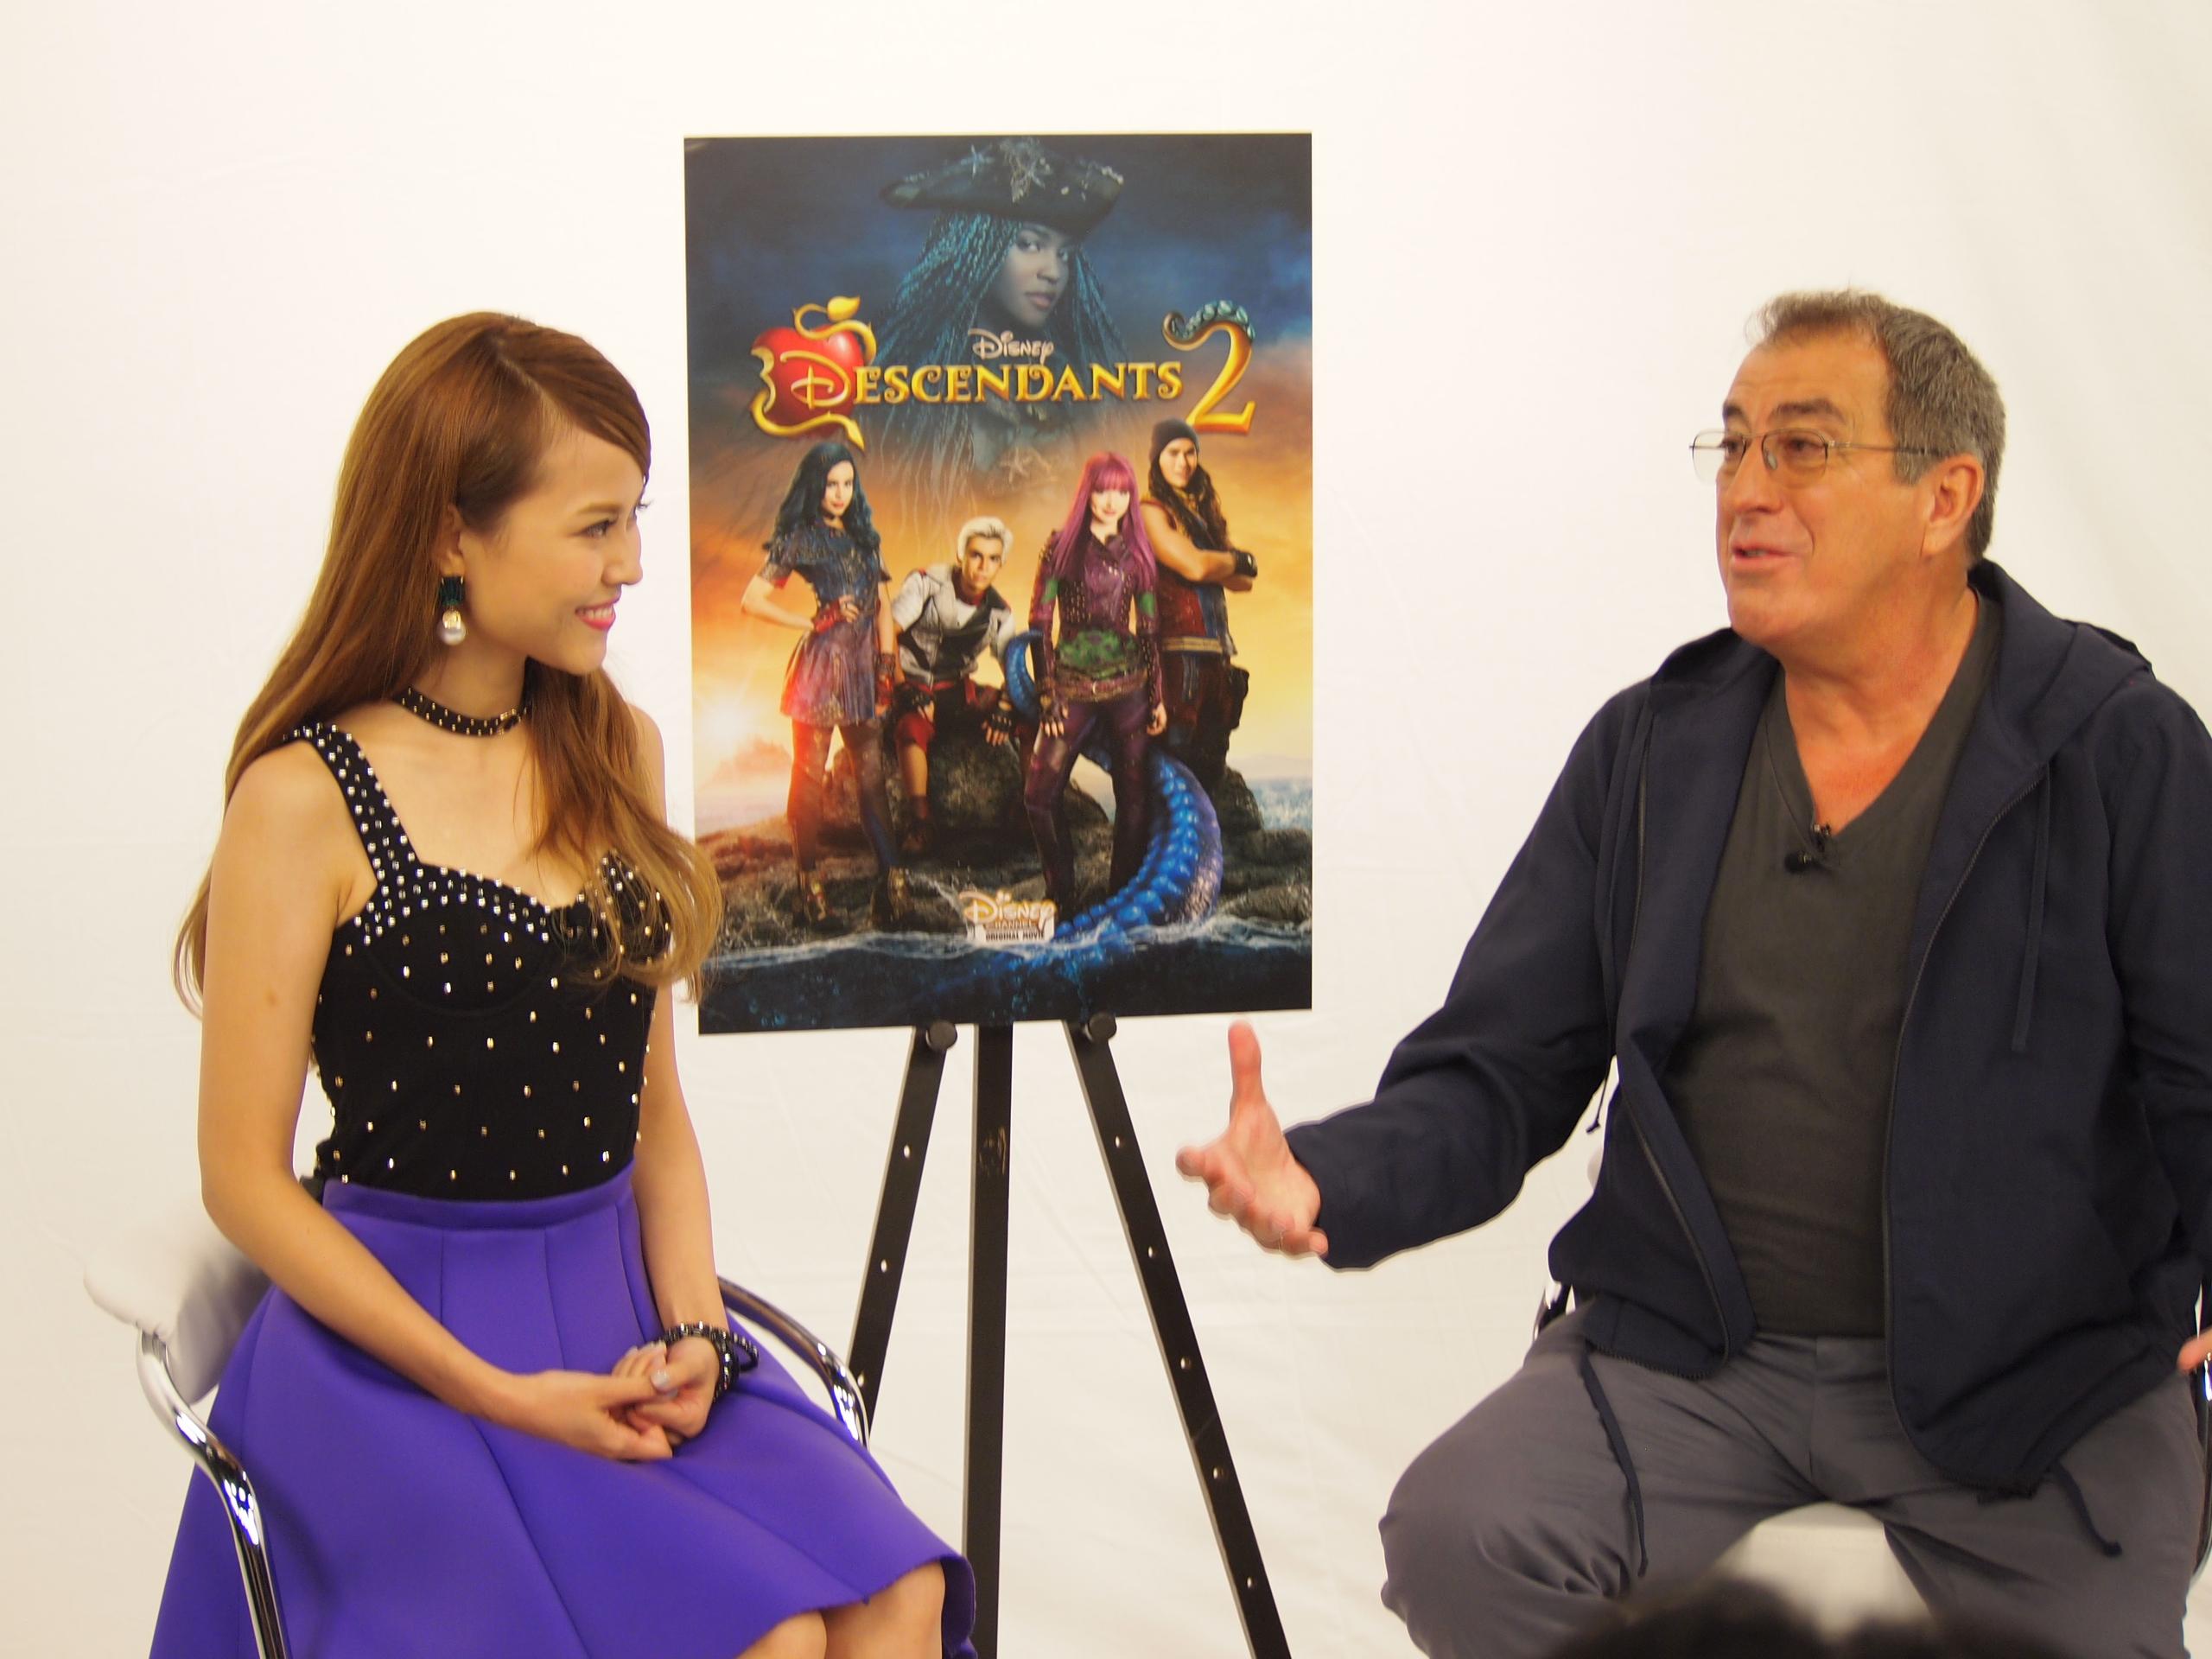 囲み取材時にトークするMiracle Vell Magicとケニー・オルテガ監督